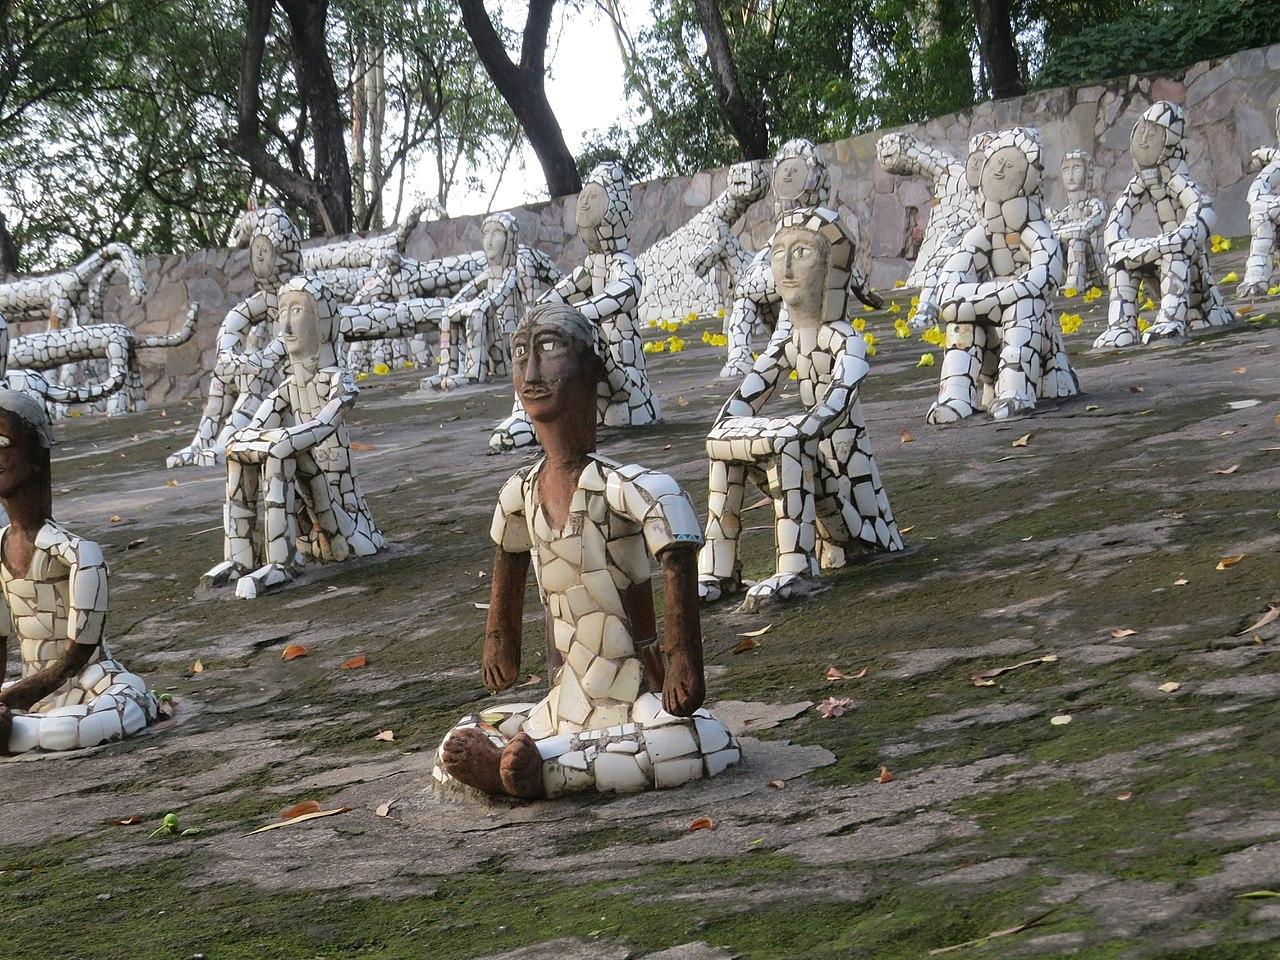 Rock garden - Amazing Sightseeing Destination in Chandigarh